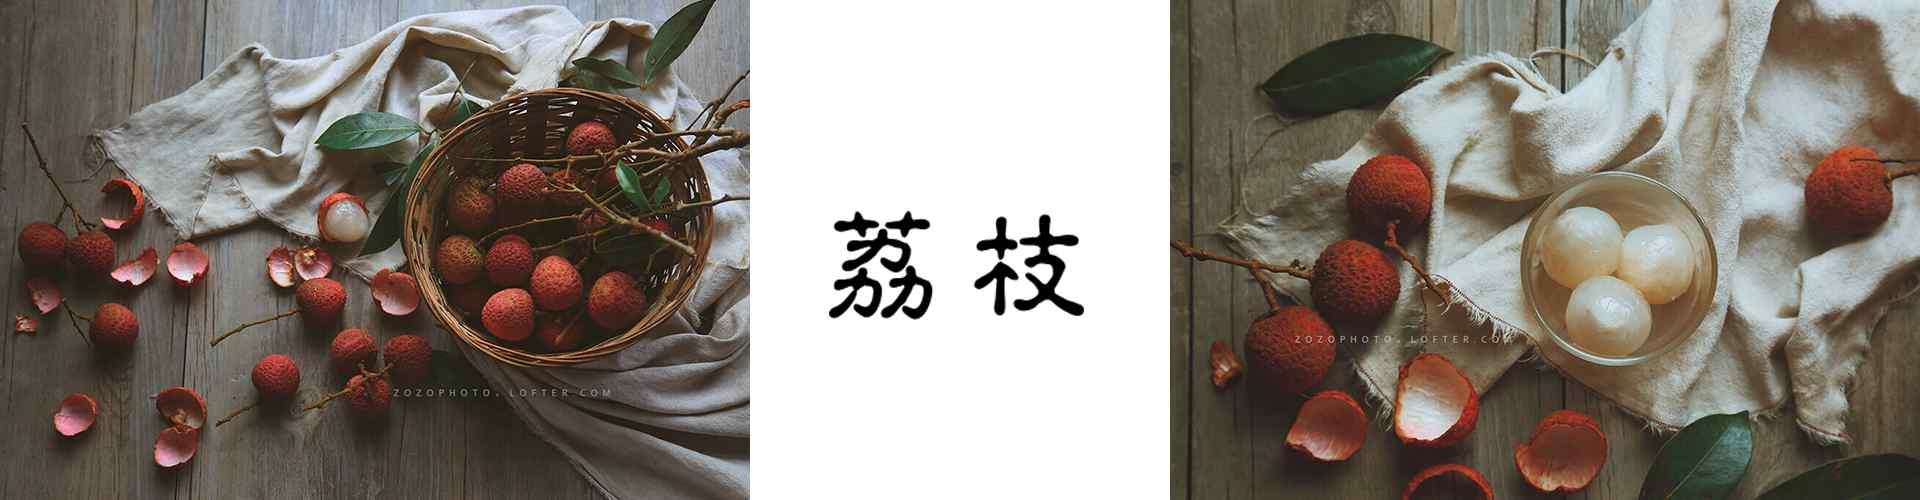 荔枝_番荔枝图片_水果图片大全_夏日美食图片_美食壁纸